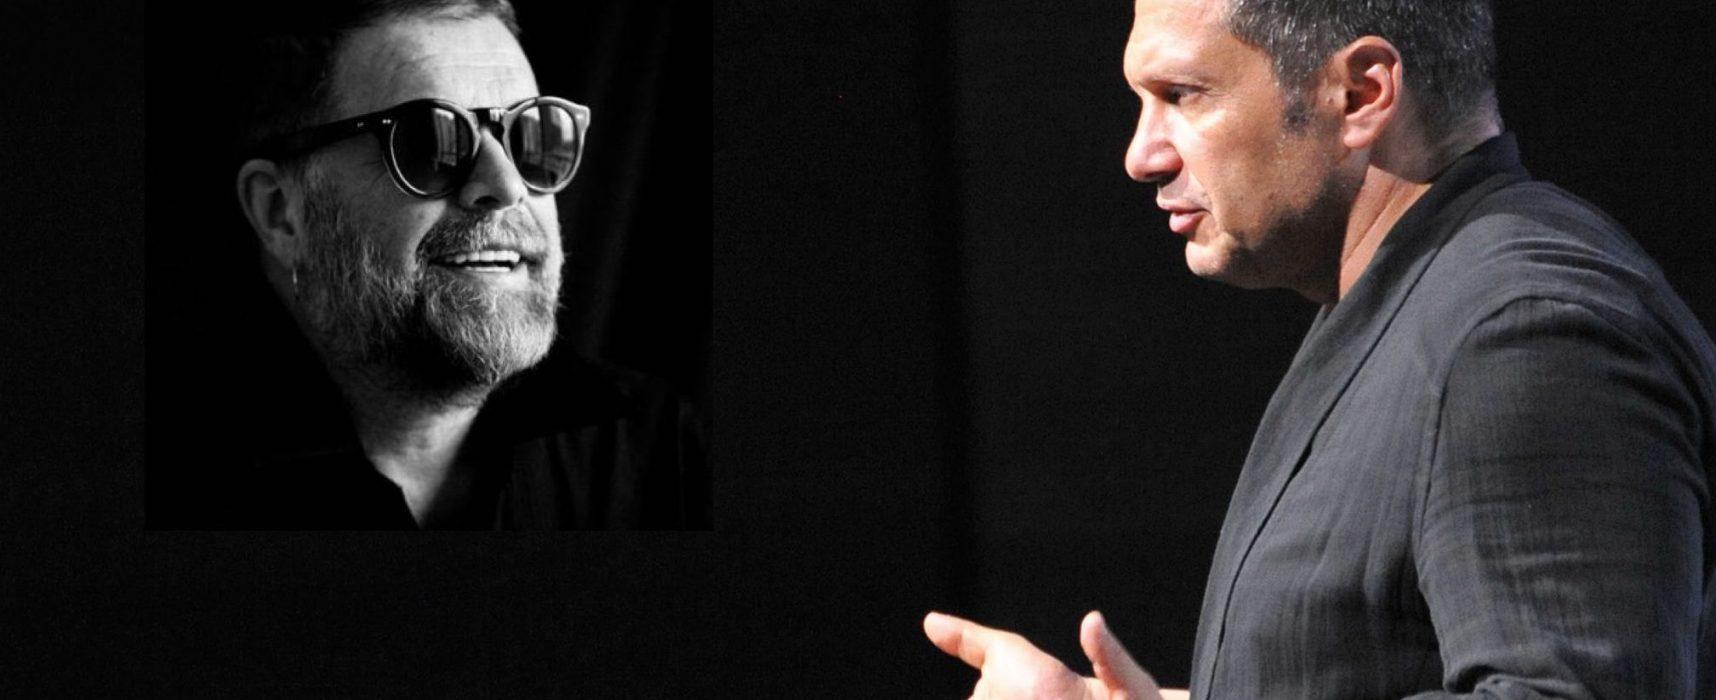 Песня на букву М. Почему композиция Гребенщикова вызвала иррациональную реакцию пропаганды